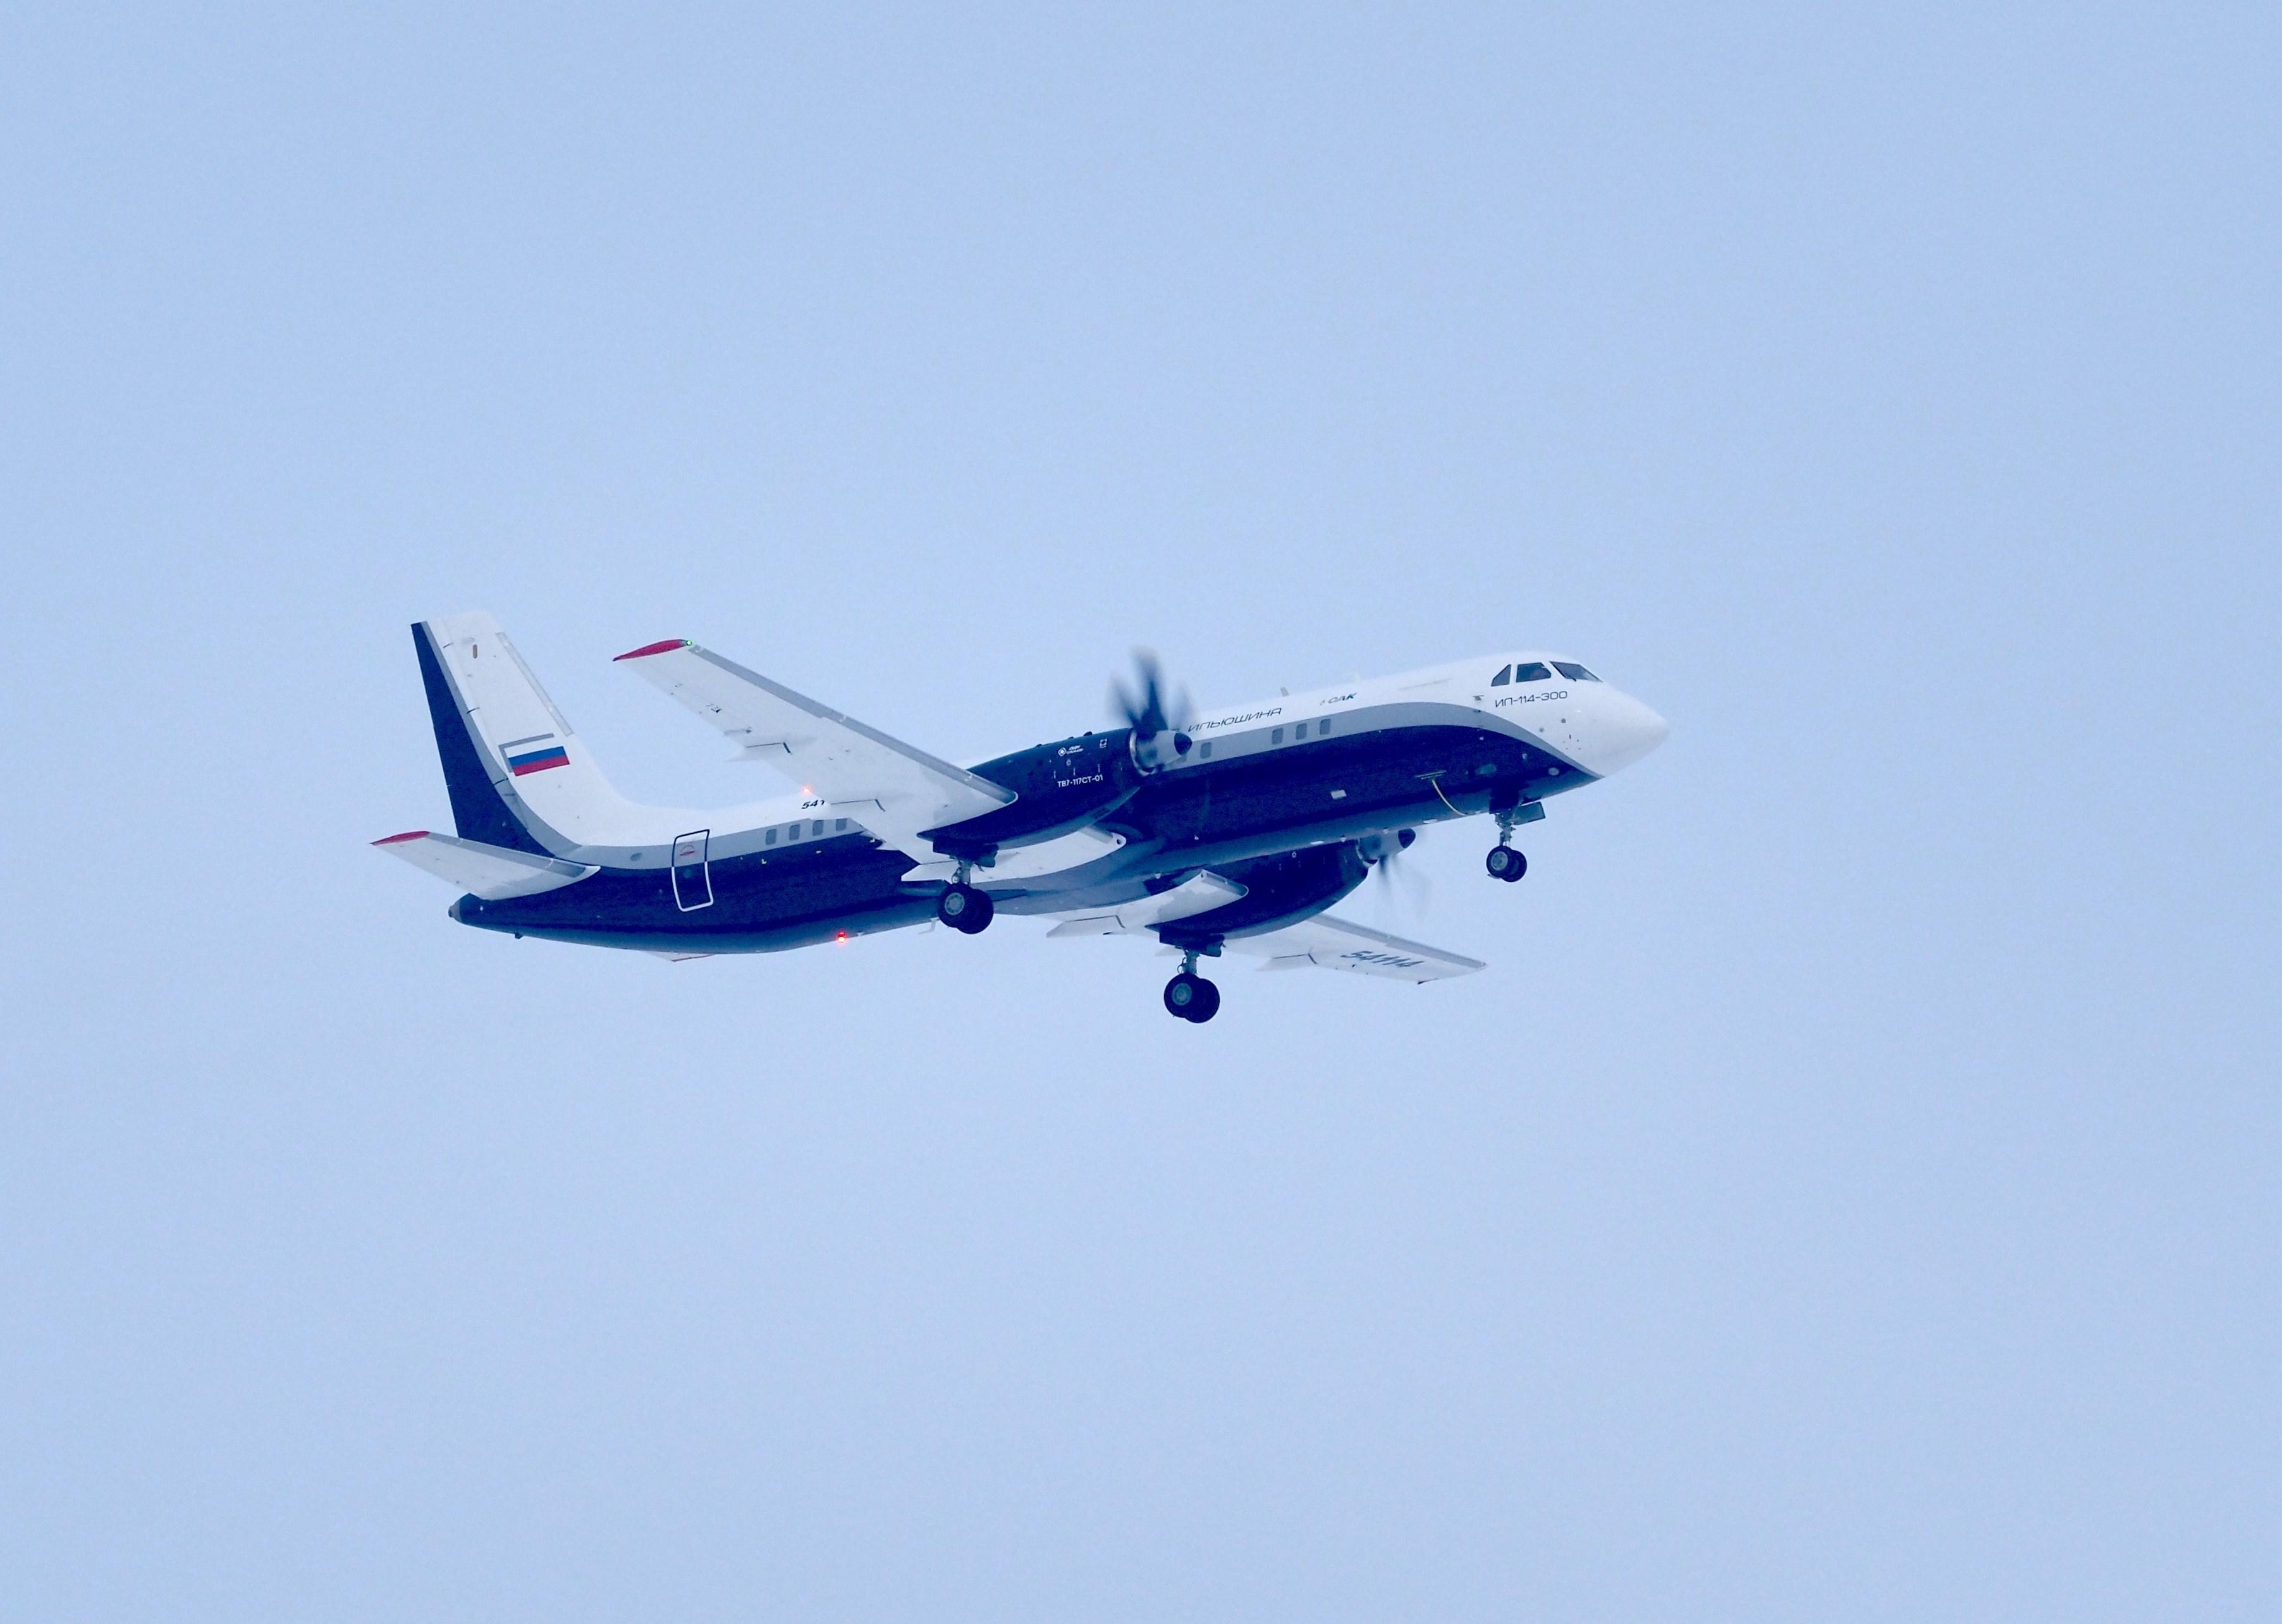 Сегодня Ил-114-300 поднялся в воздух во второй раз